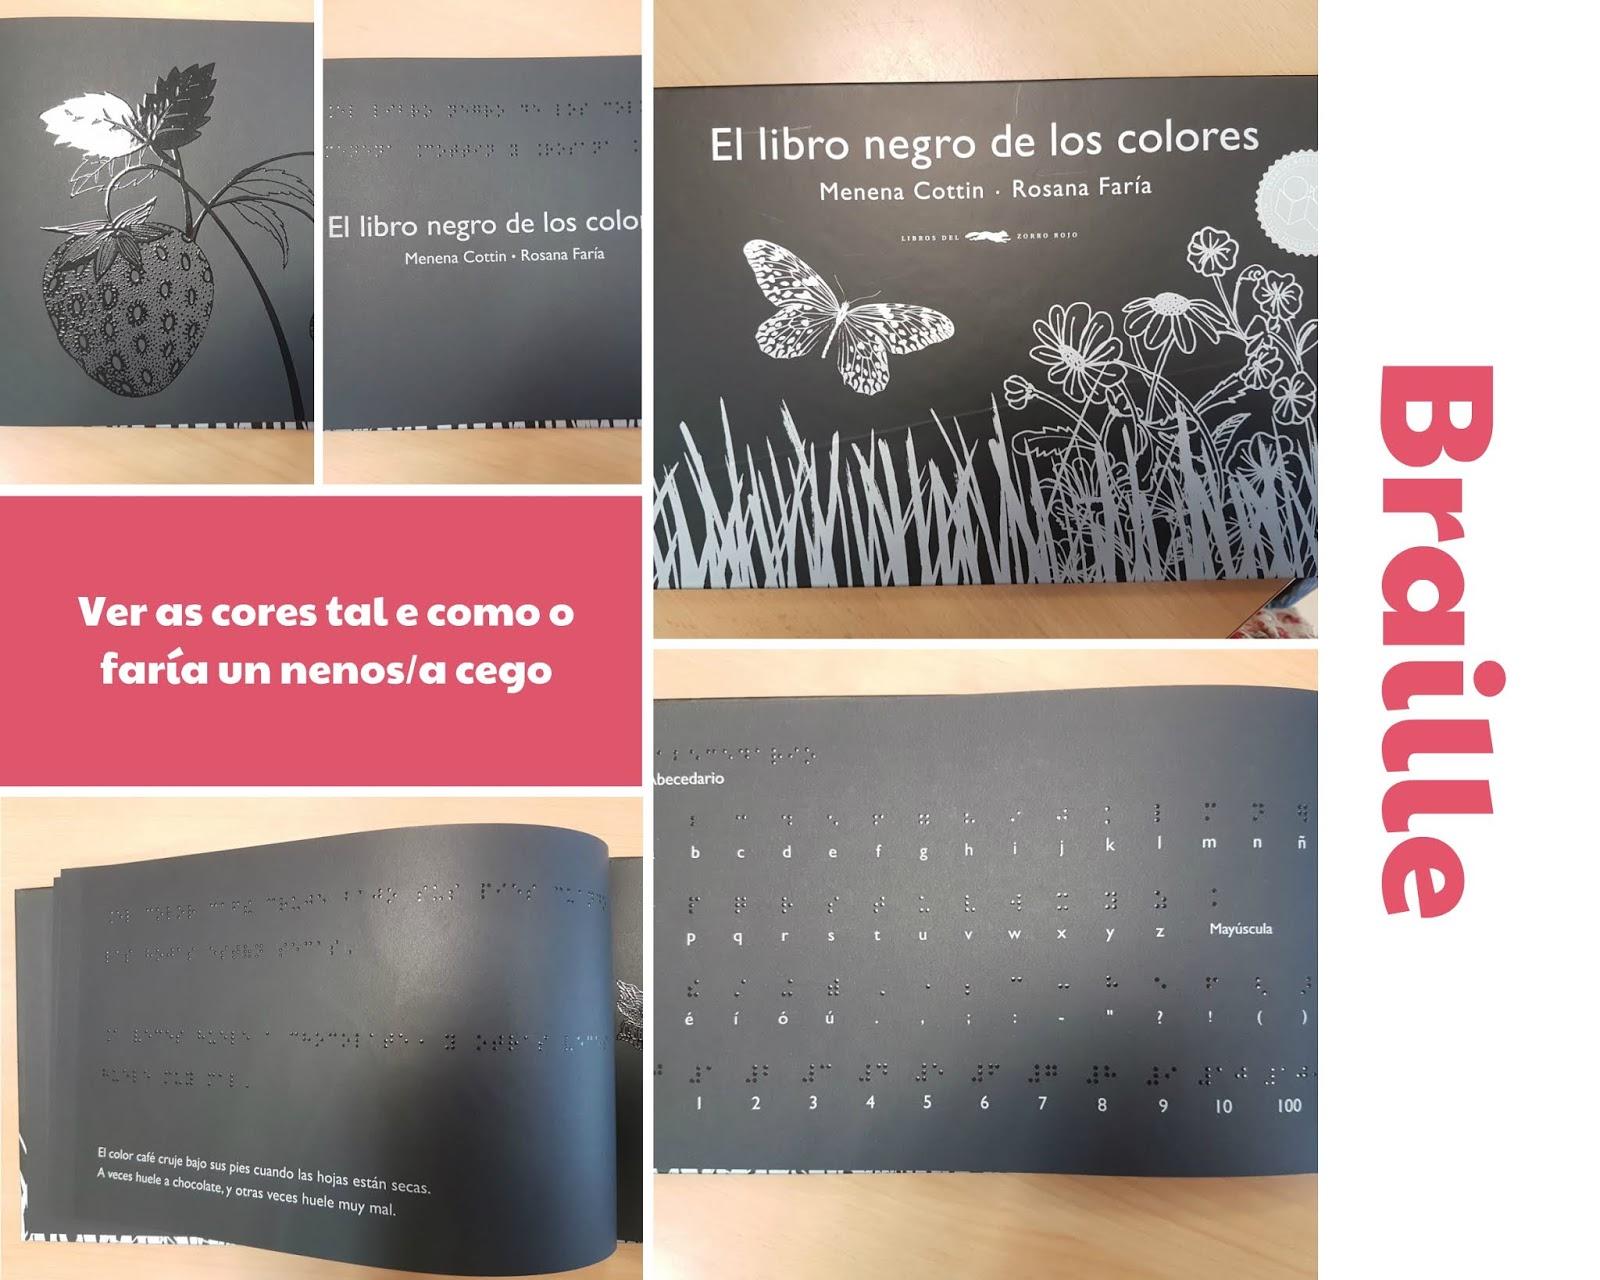 Reimaxinamos a escola: Aprender a ver: El libro negro de los colores